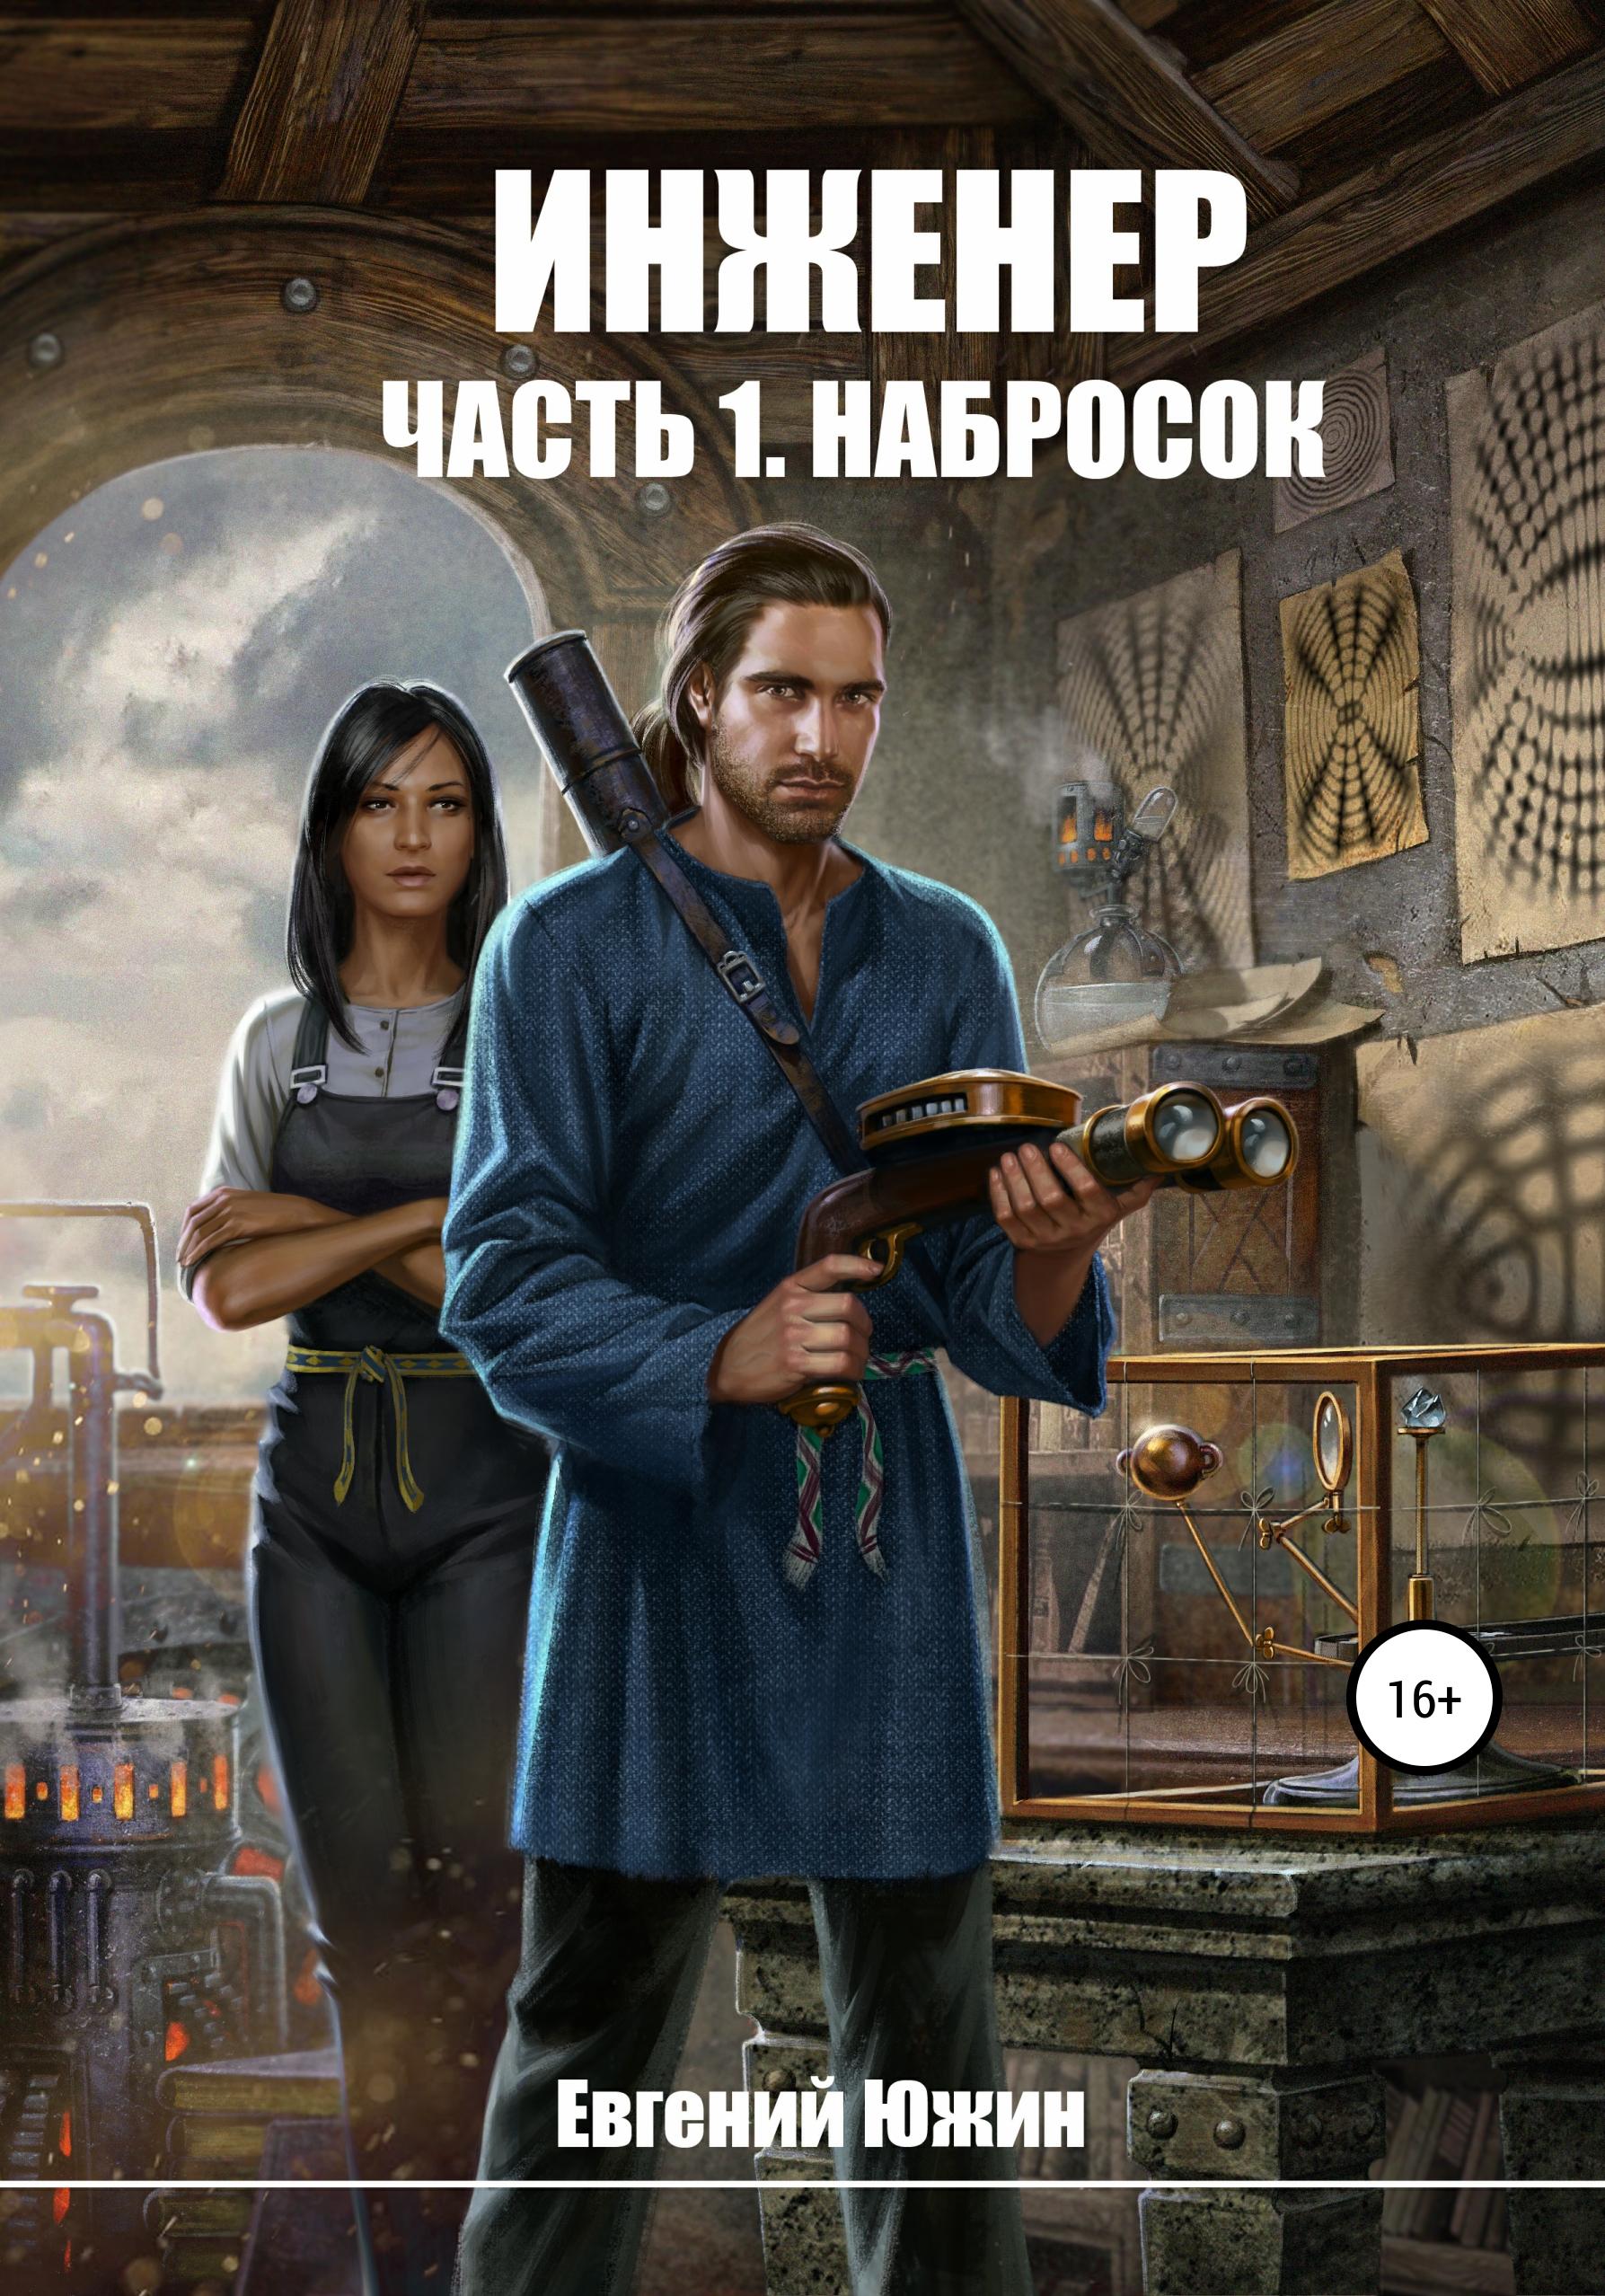 Евгений Южин - Инженер. Часть 1. Набросок